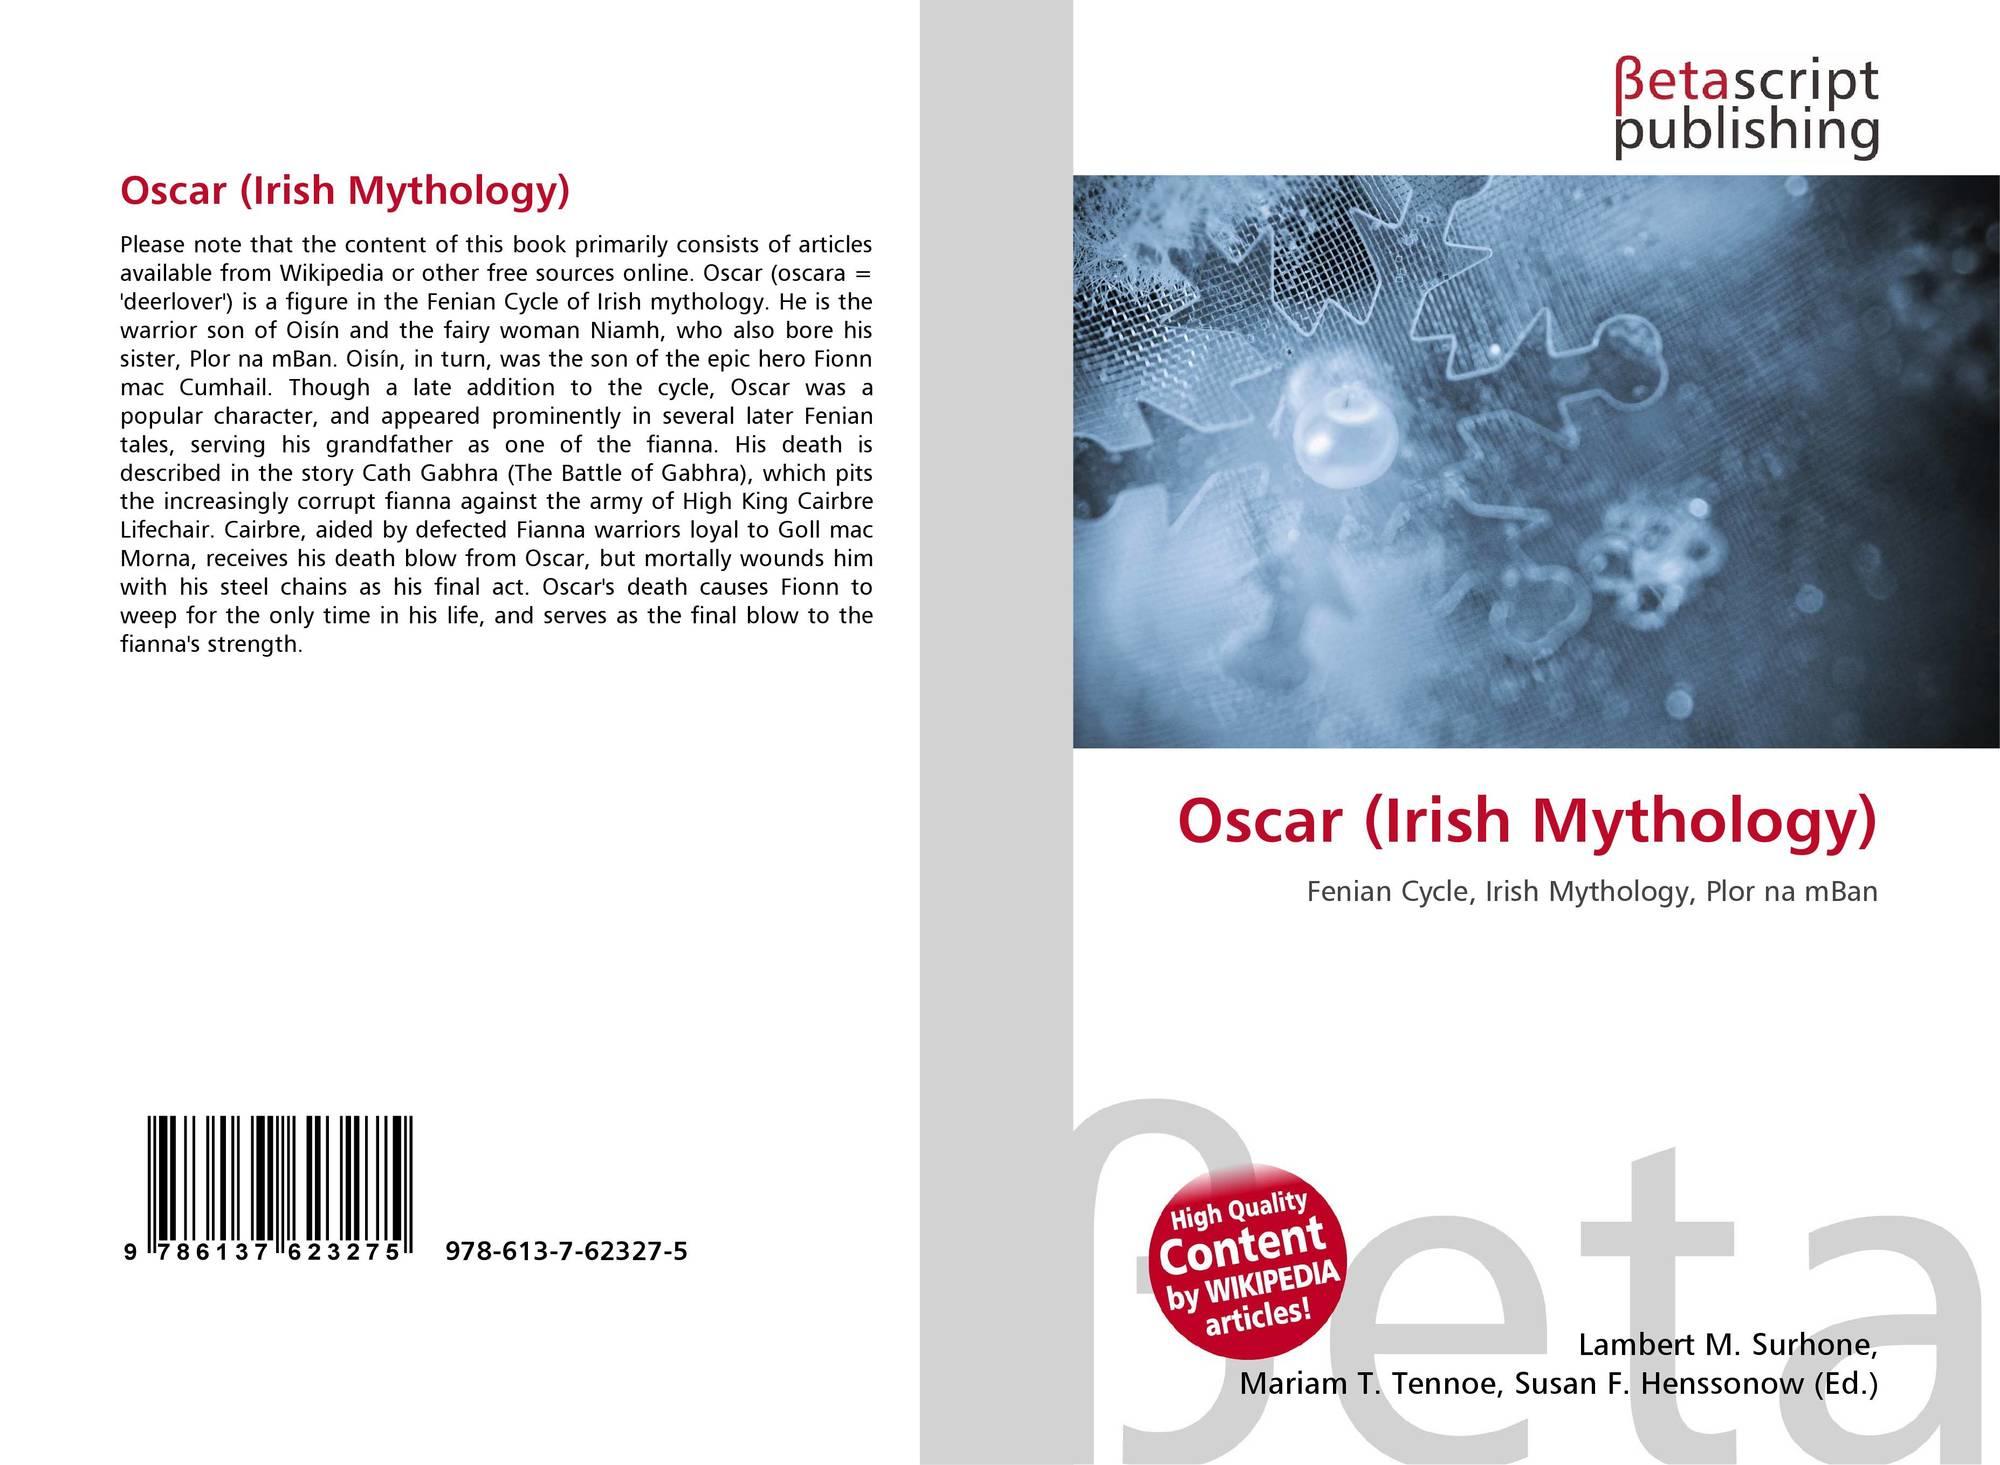 Oscar (Irish Mythology), 978-613-7-62327-5, 6137623270